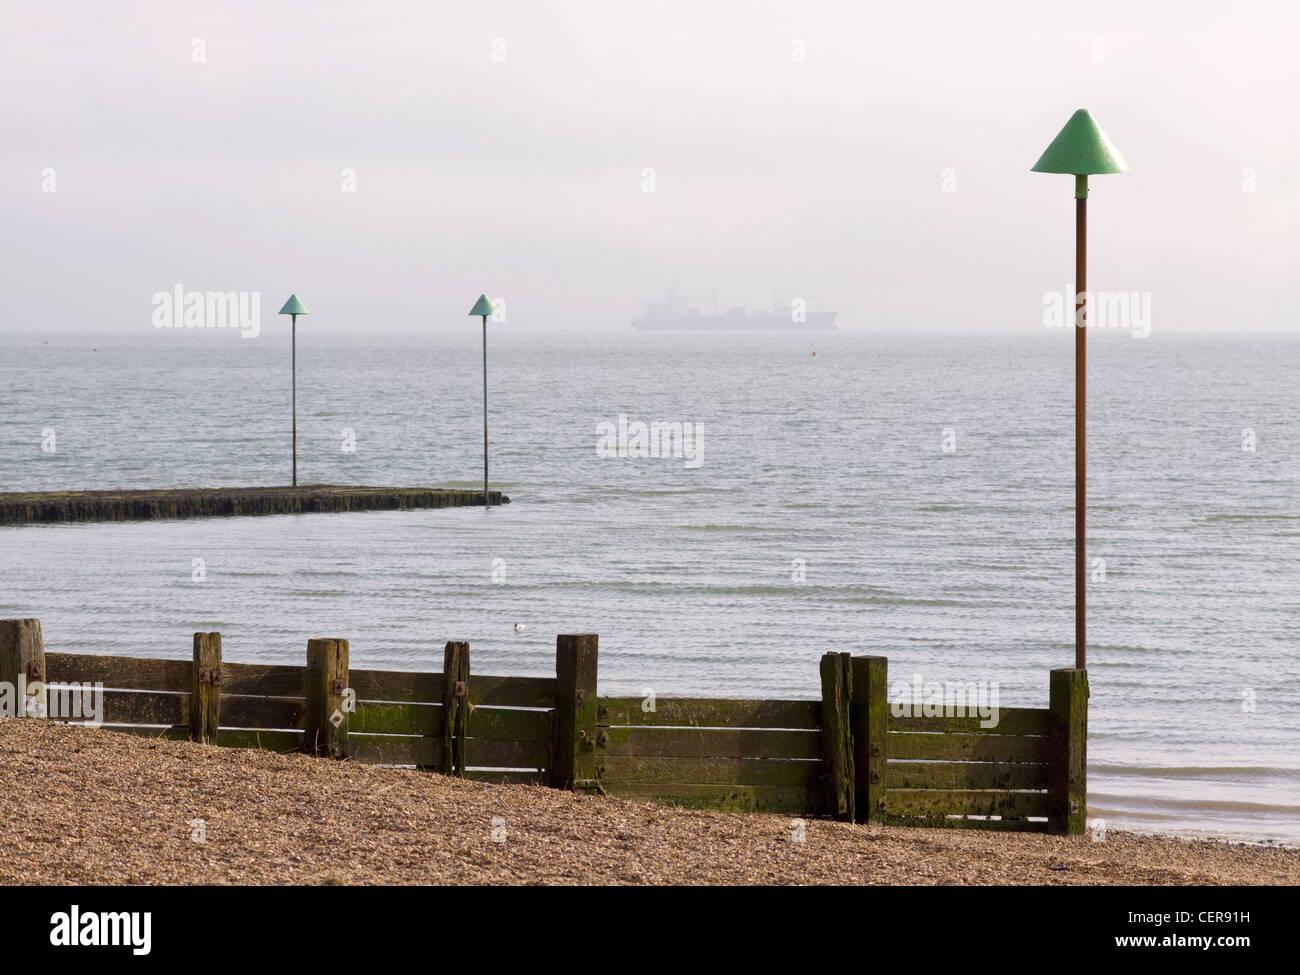 Épi en bois sur la plage à Leigh-on-Sea avec un navire à l'horizon. Photo Stock